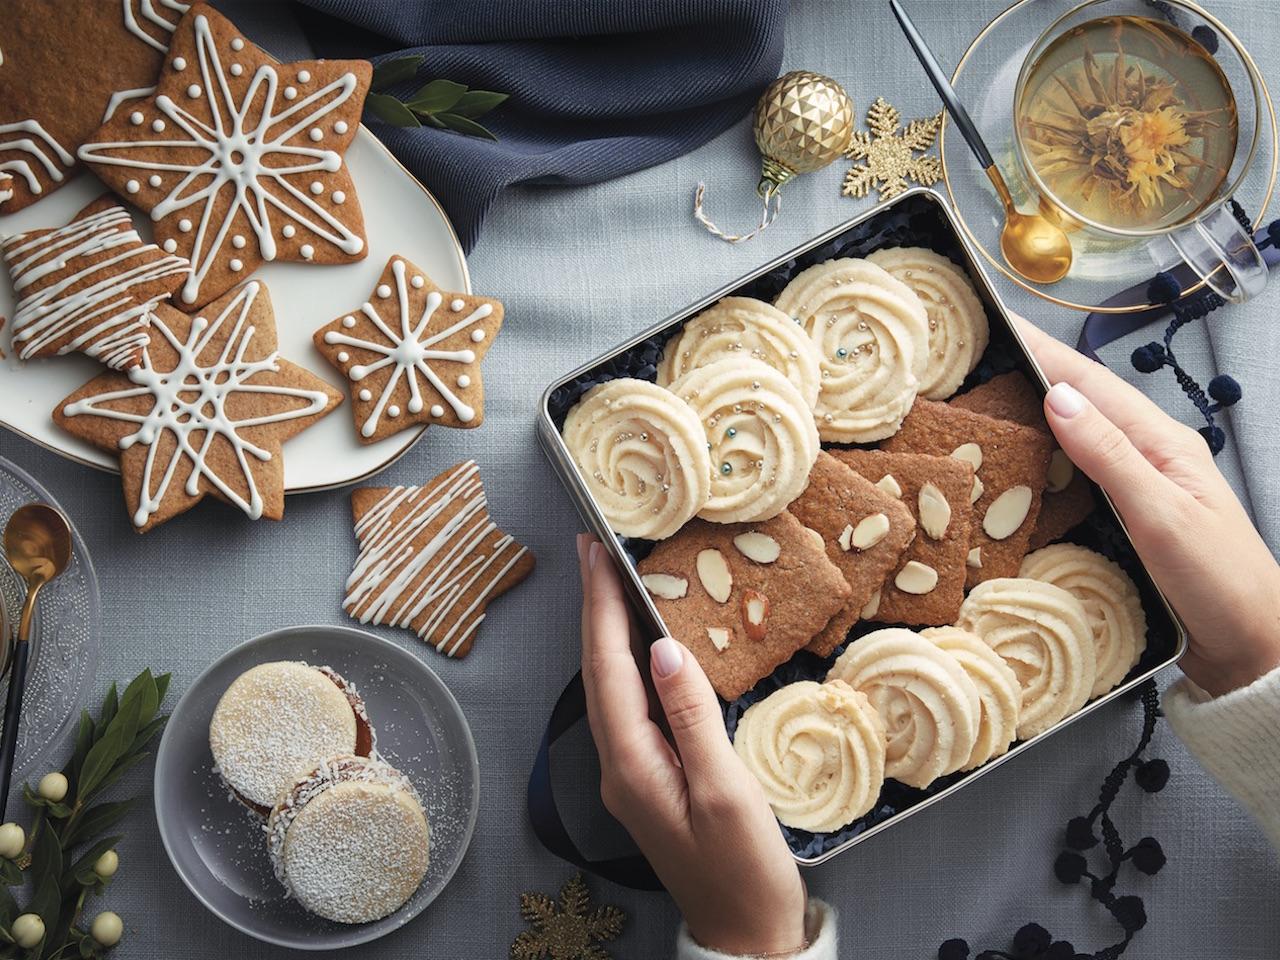 diétás karácsonyi menü)